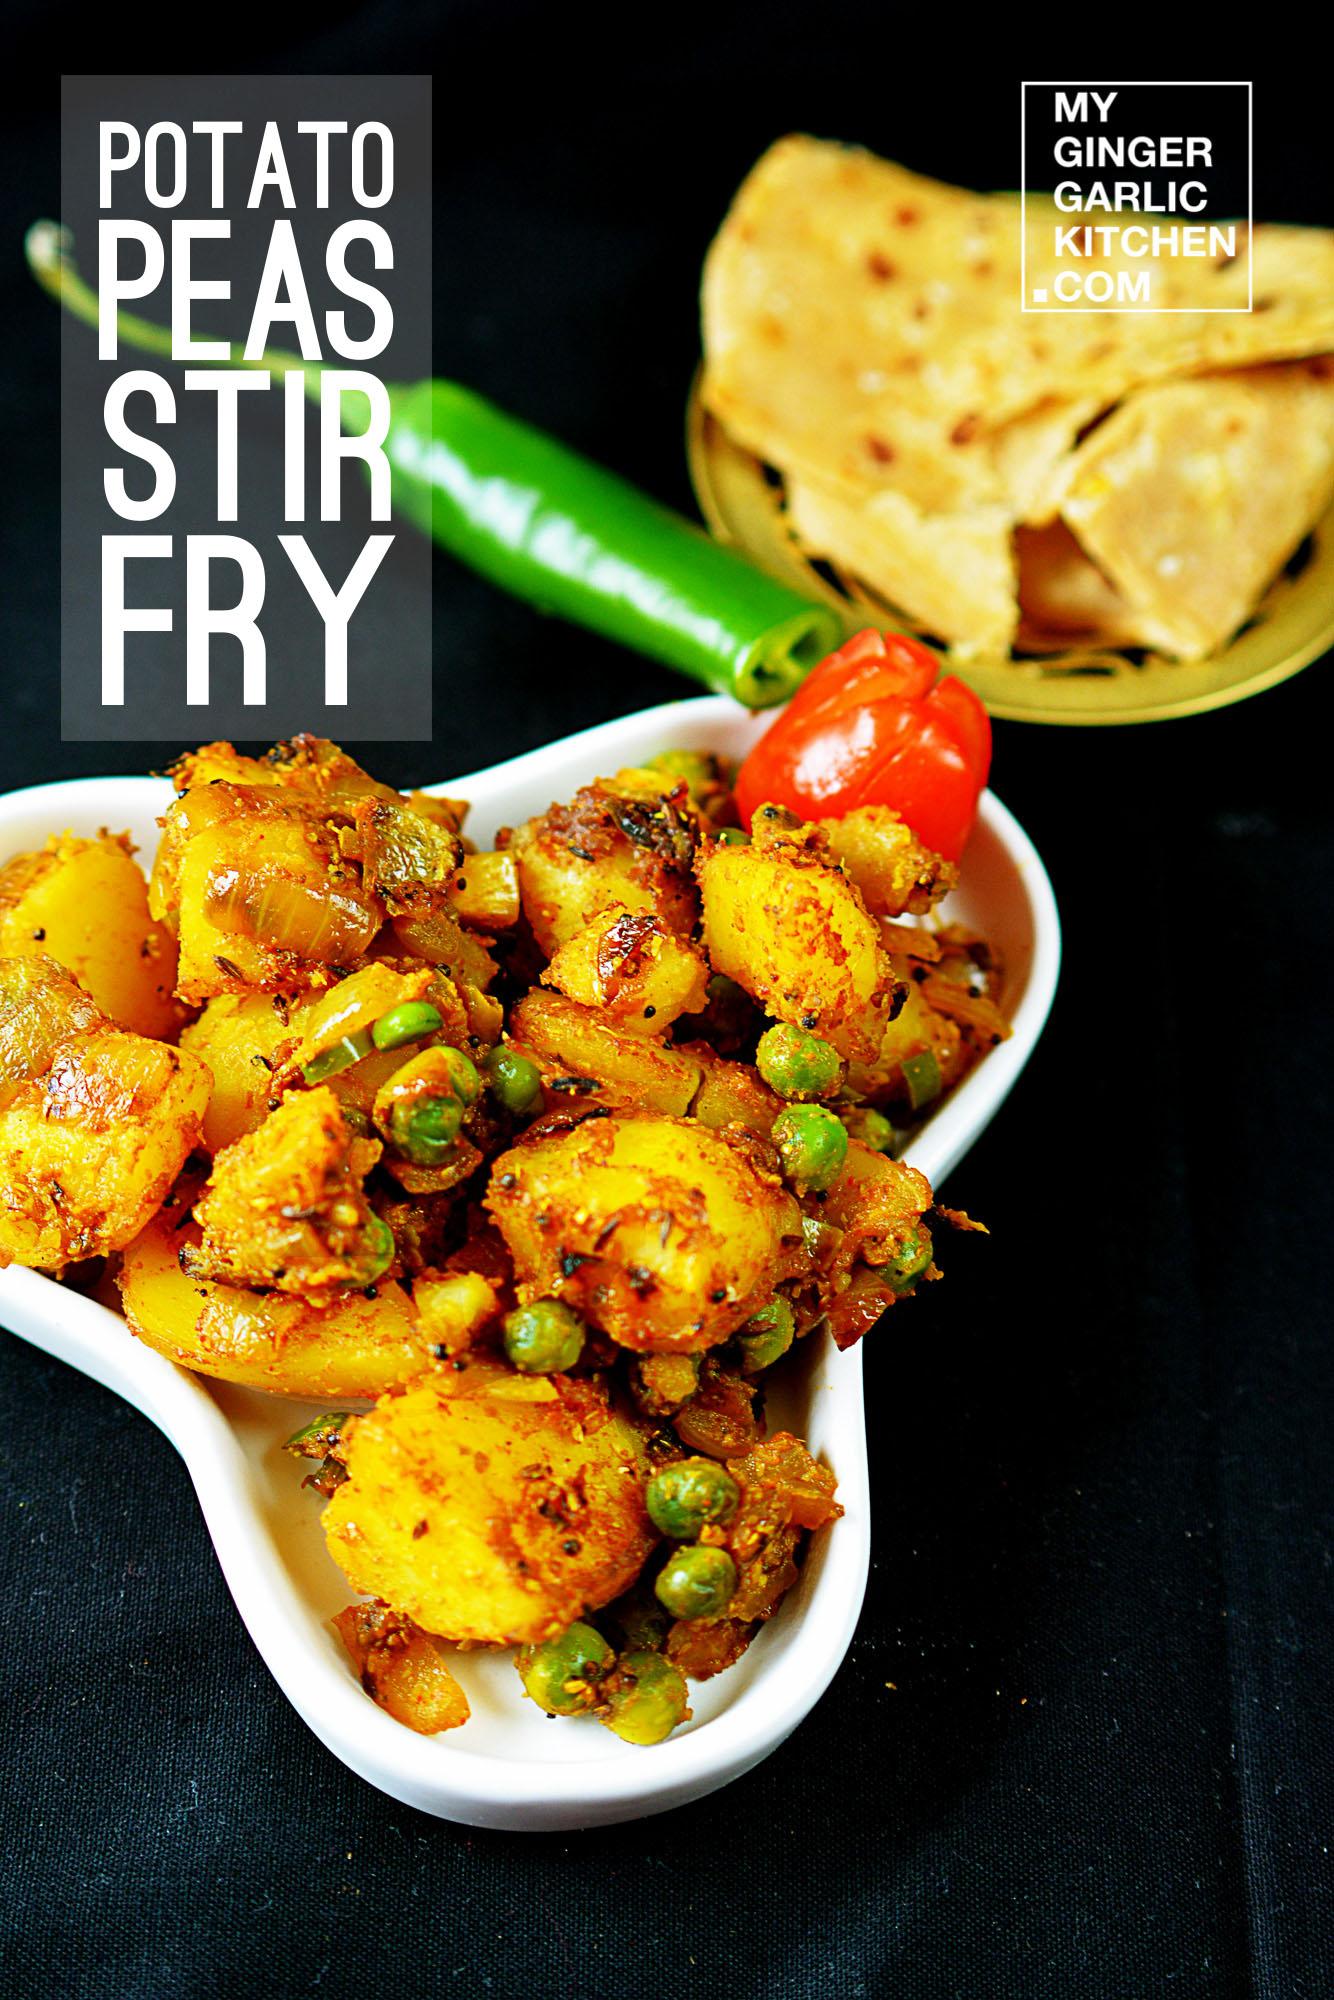 How To Make Aloo Matar Dry Sabji - Sookha Aloo Matar Recipe - Potato Peas Stir Fry